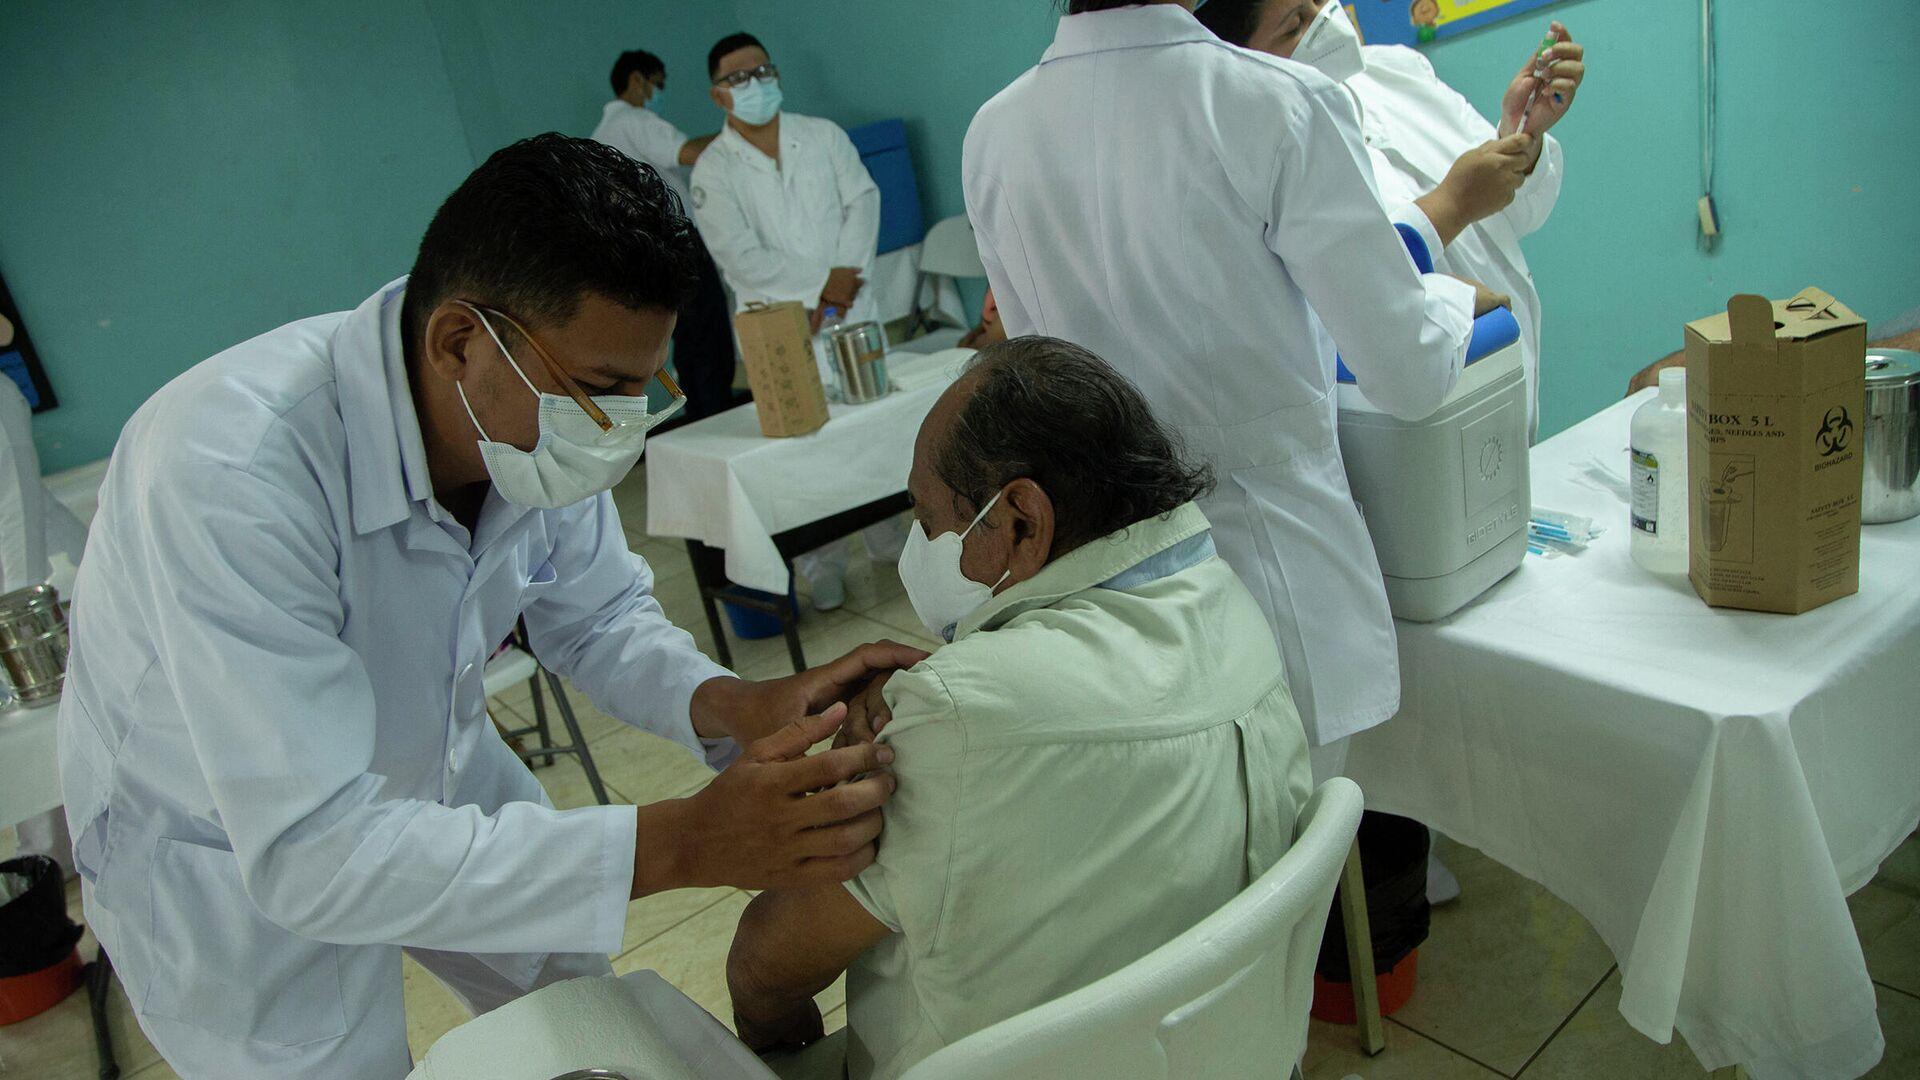 Vacunación contra COVID-19 en Managua, Nicaragua - Sputnik Mundo, 1920, 10.09.2021